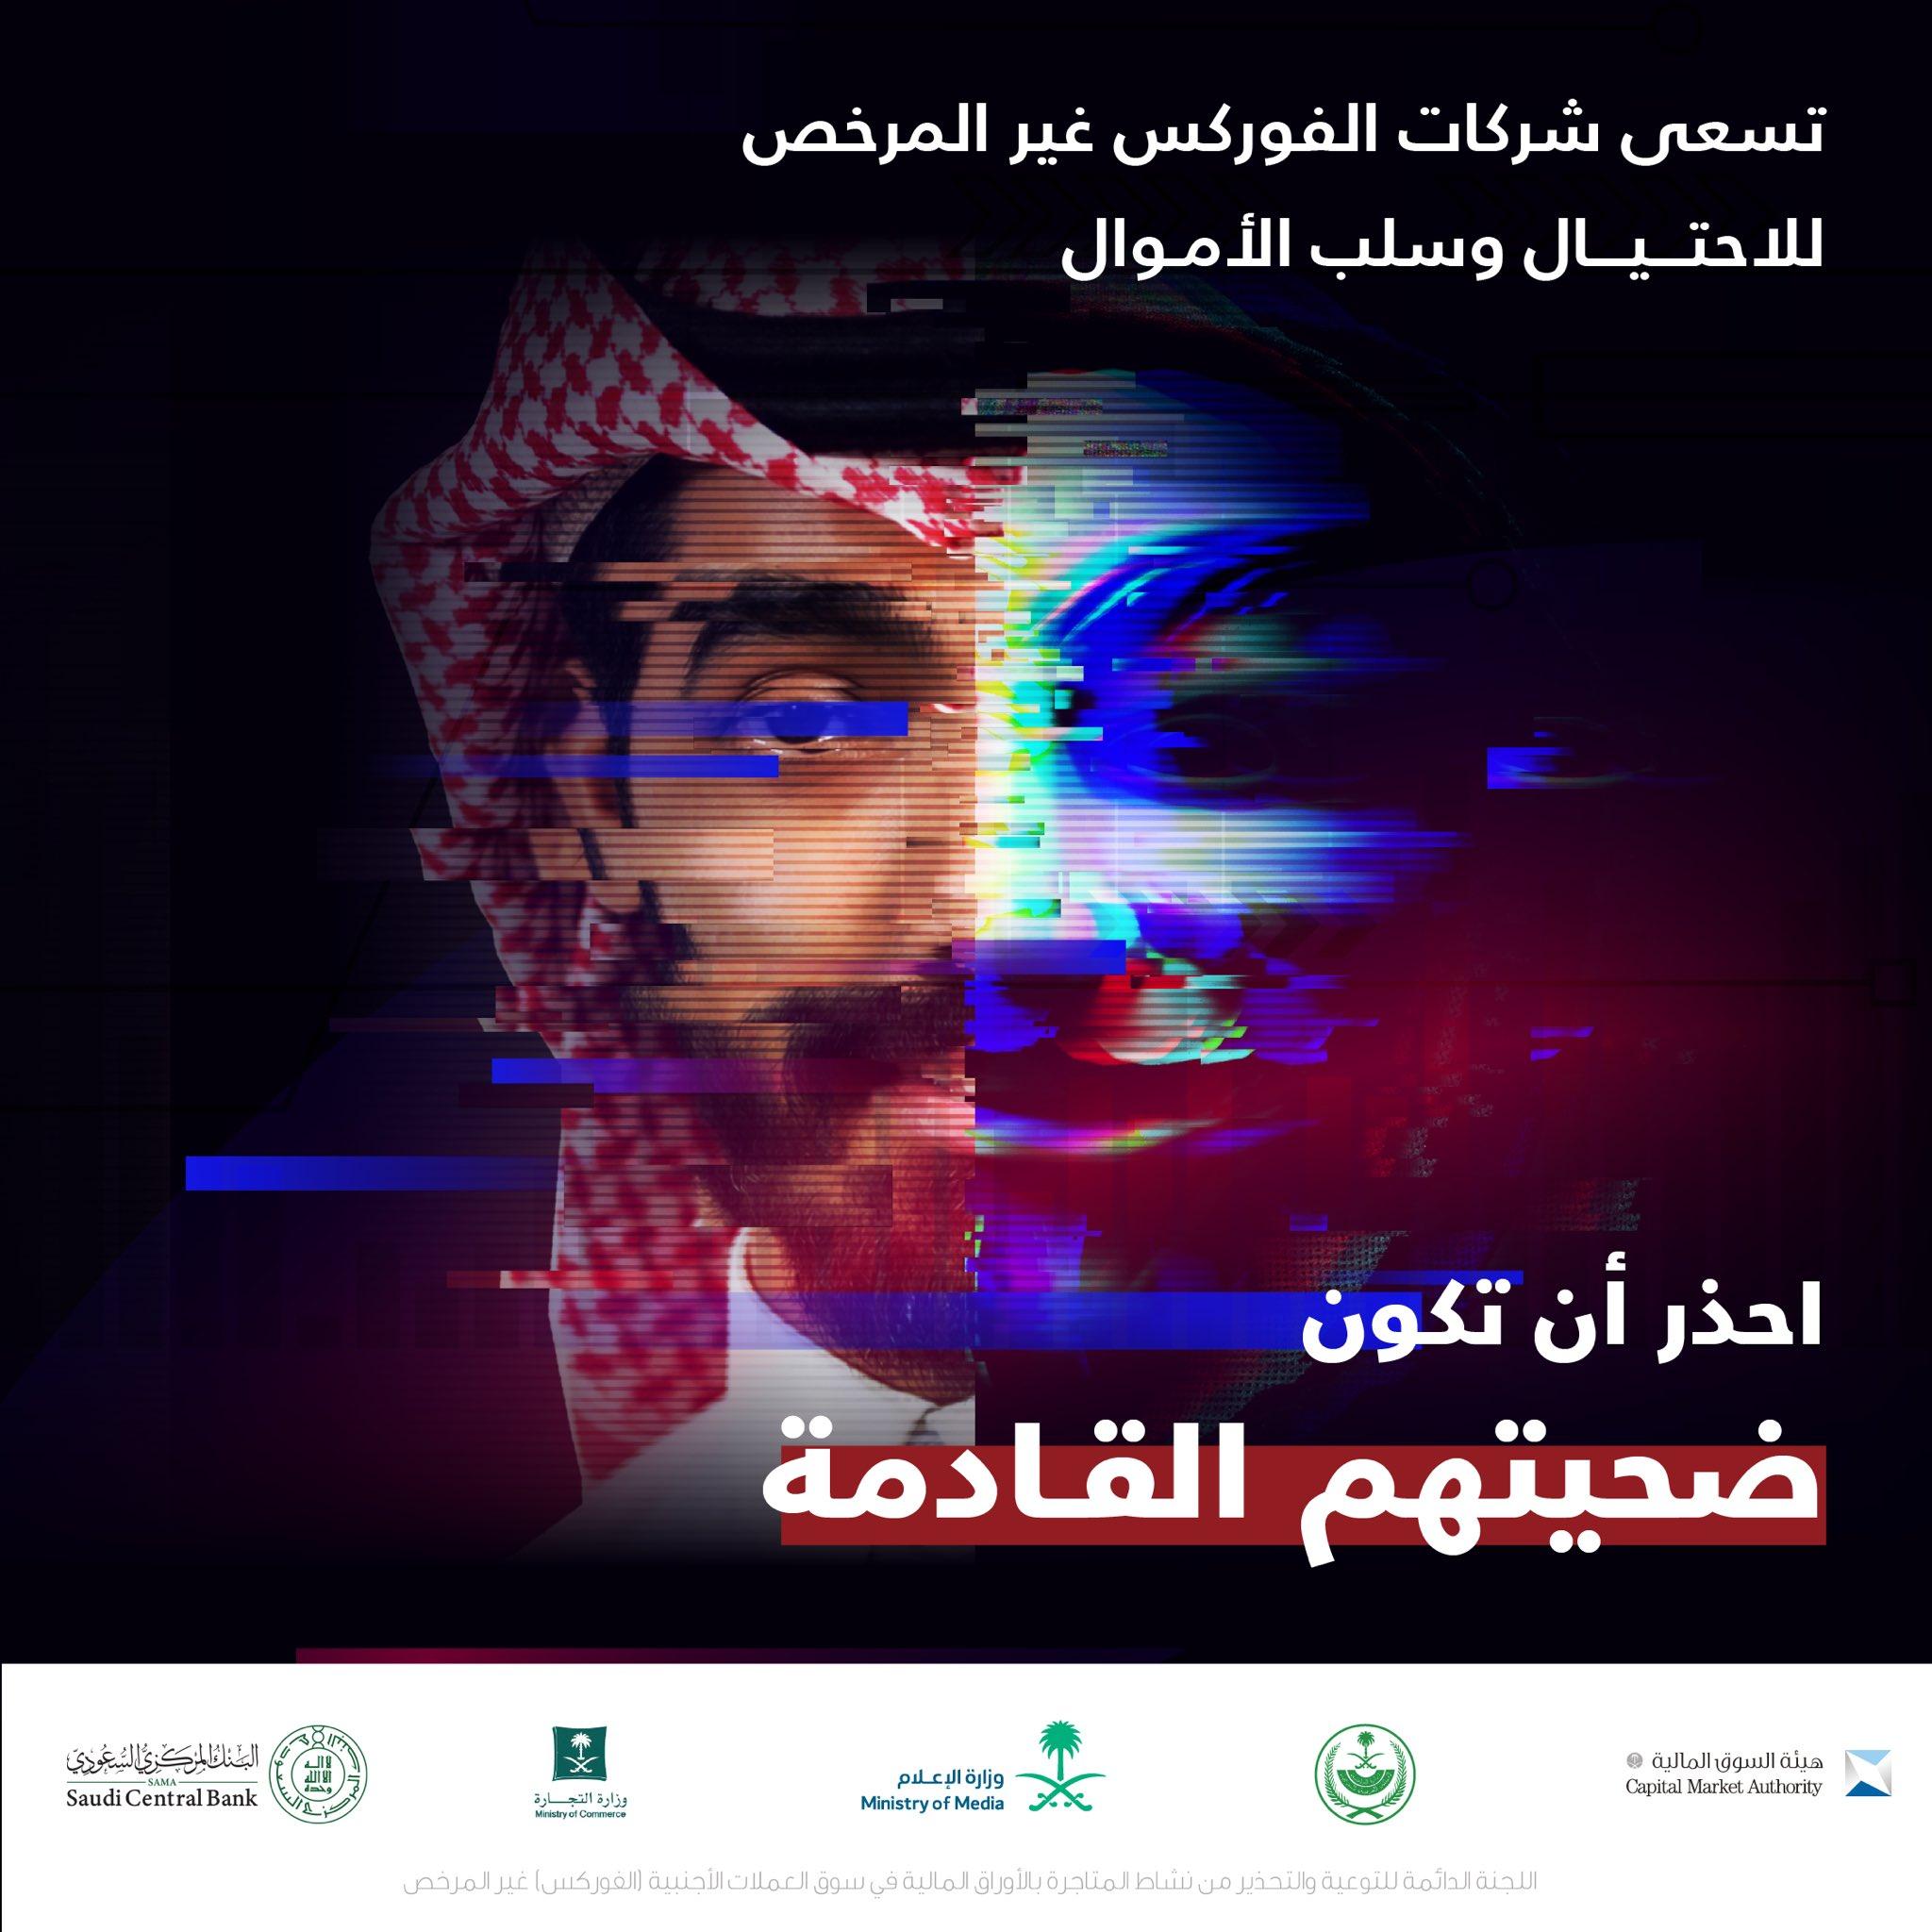 عاجل: تحذير سعودي، احذر أنتكون ضحيتهم القادمة